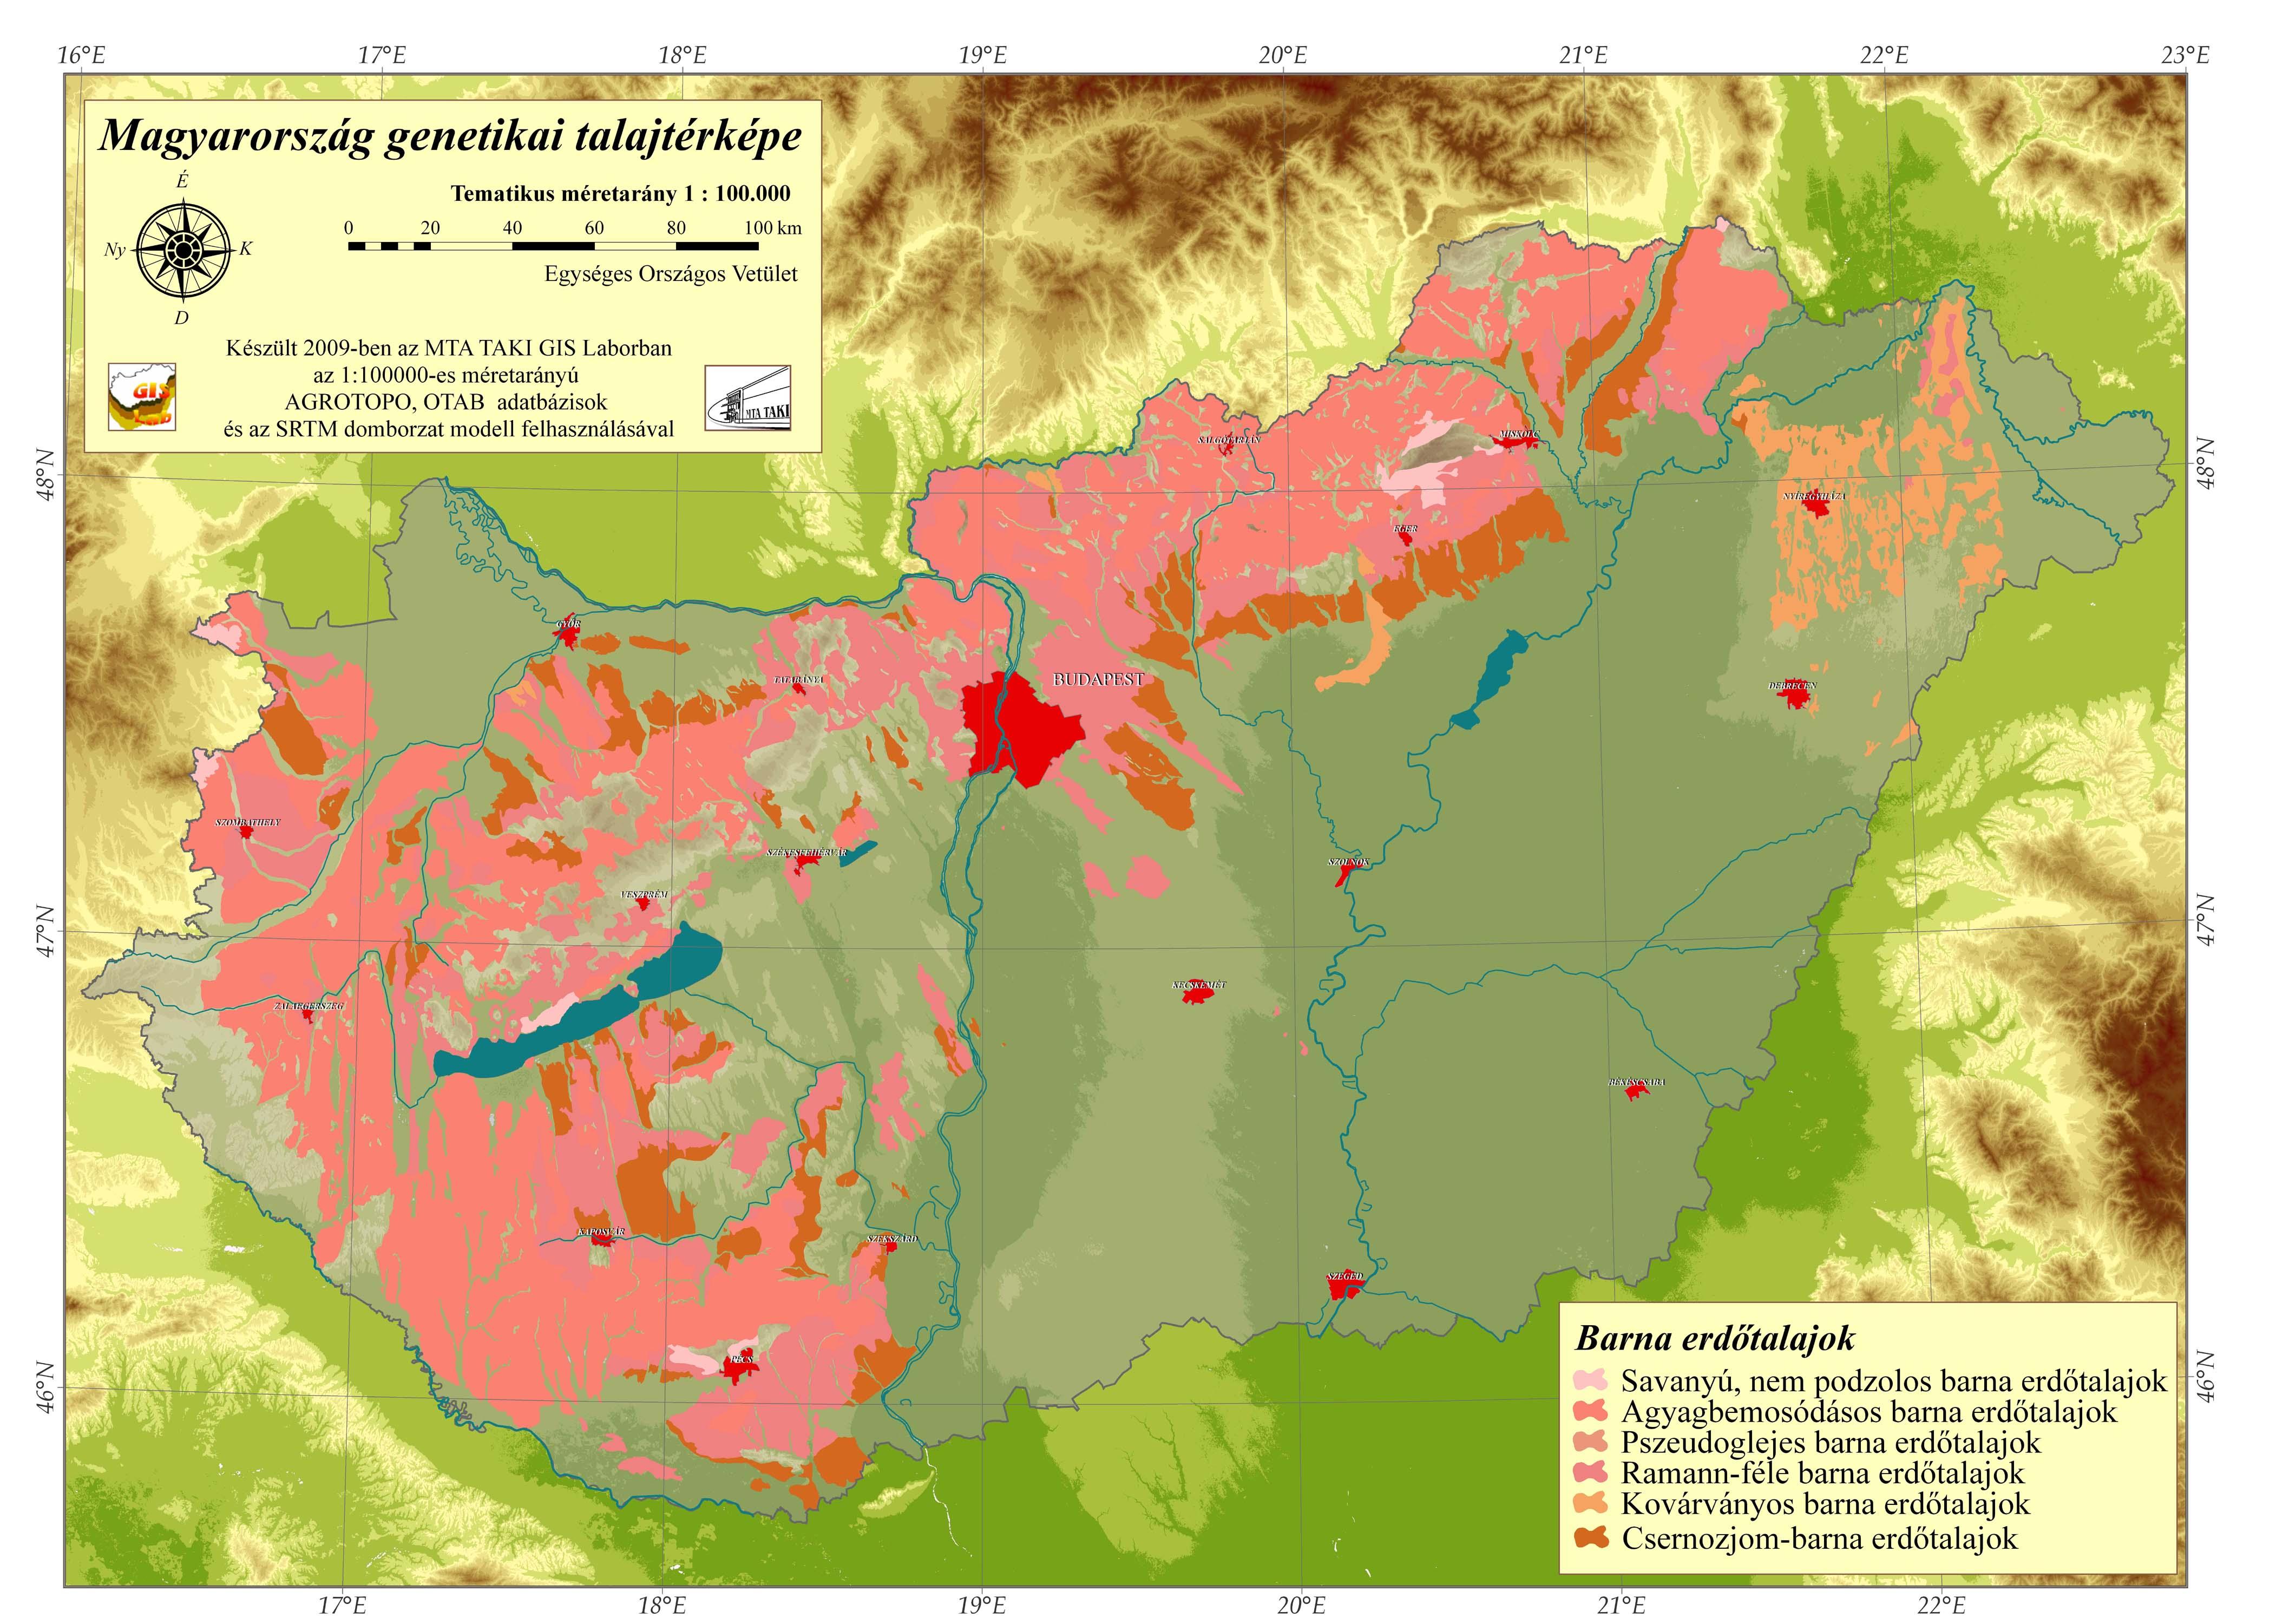 barna erdőtalajok